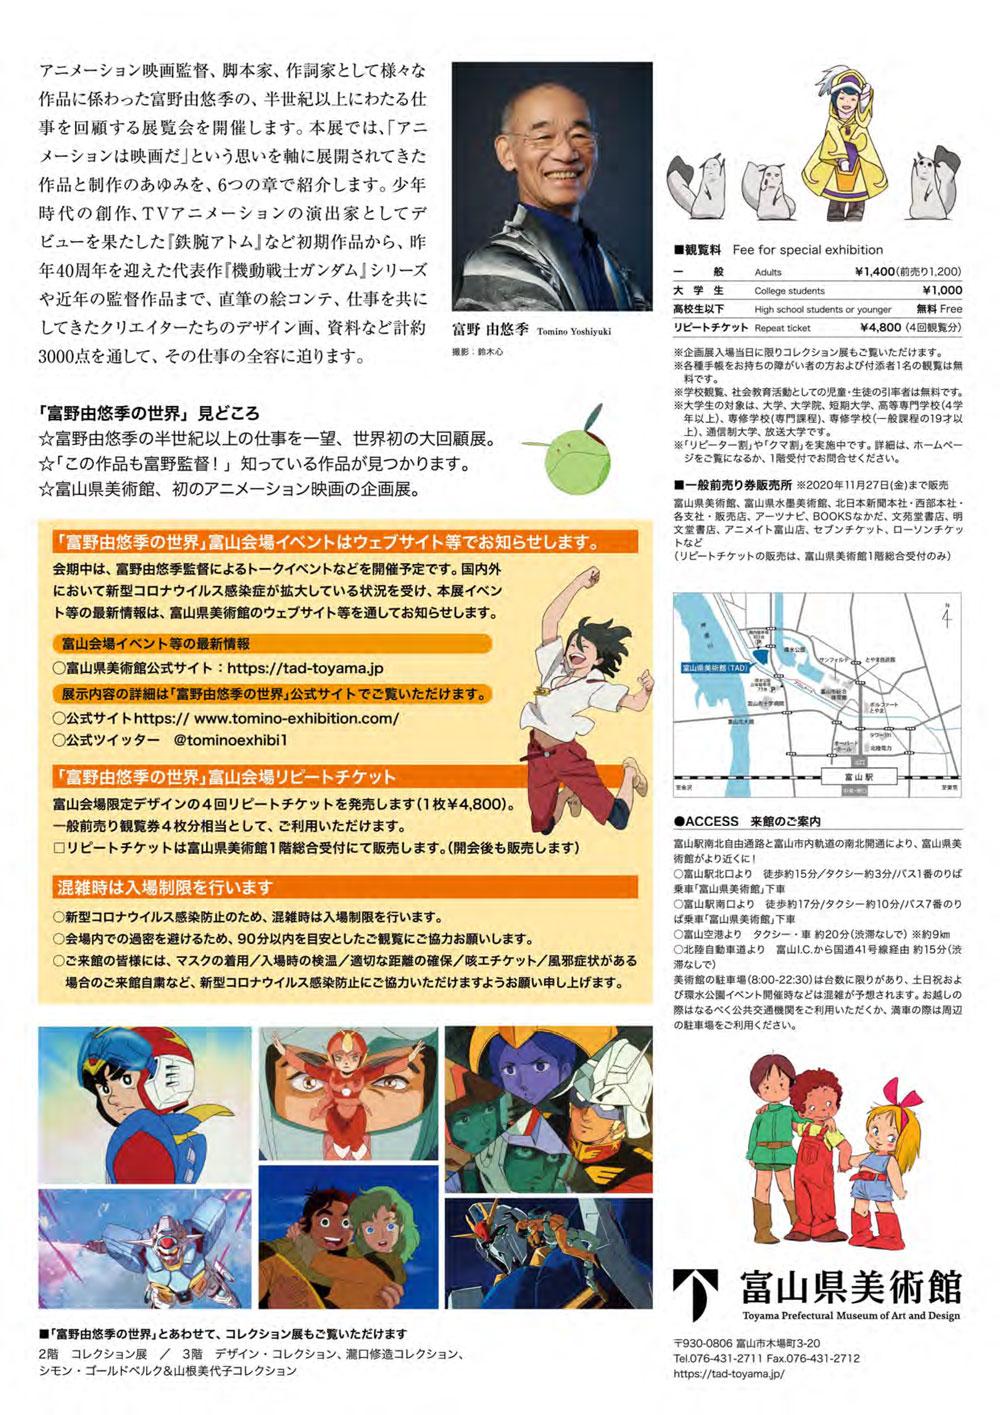 富山県美術館で開催される「富野由悠季の世界」のチラシ裏面